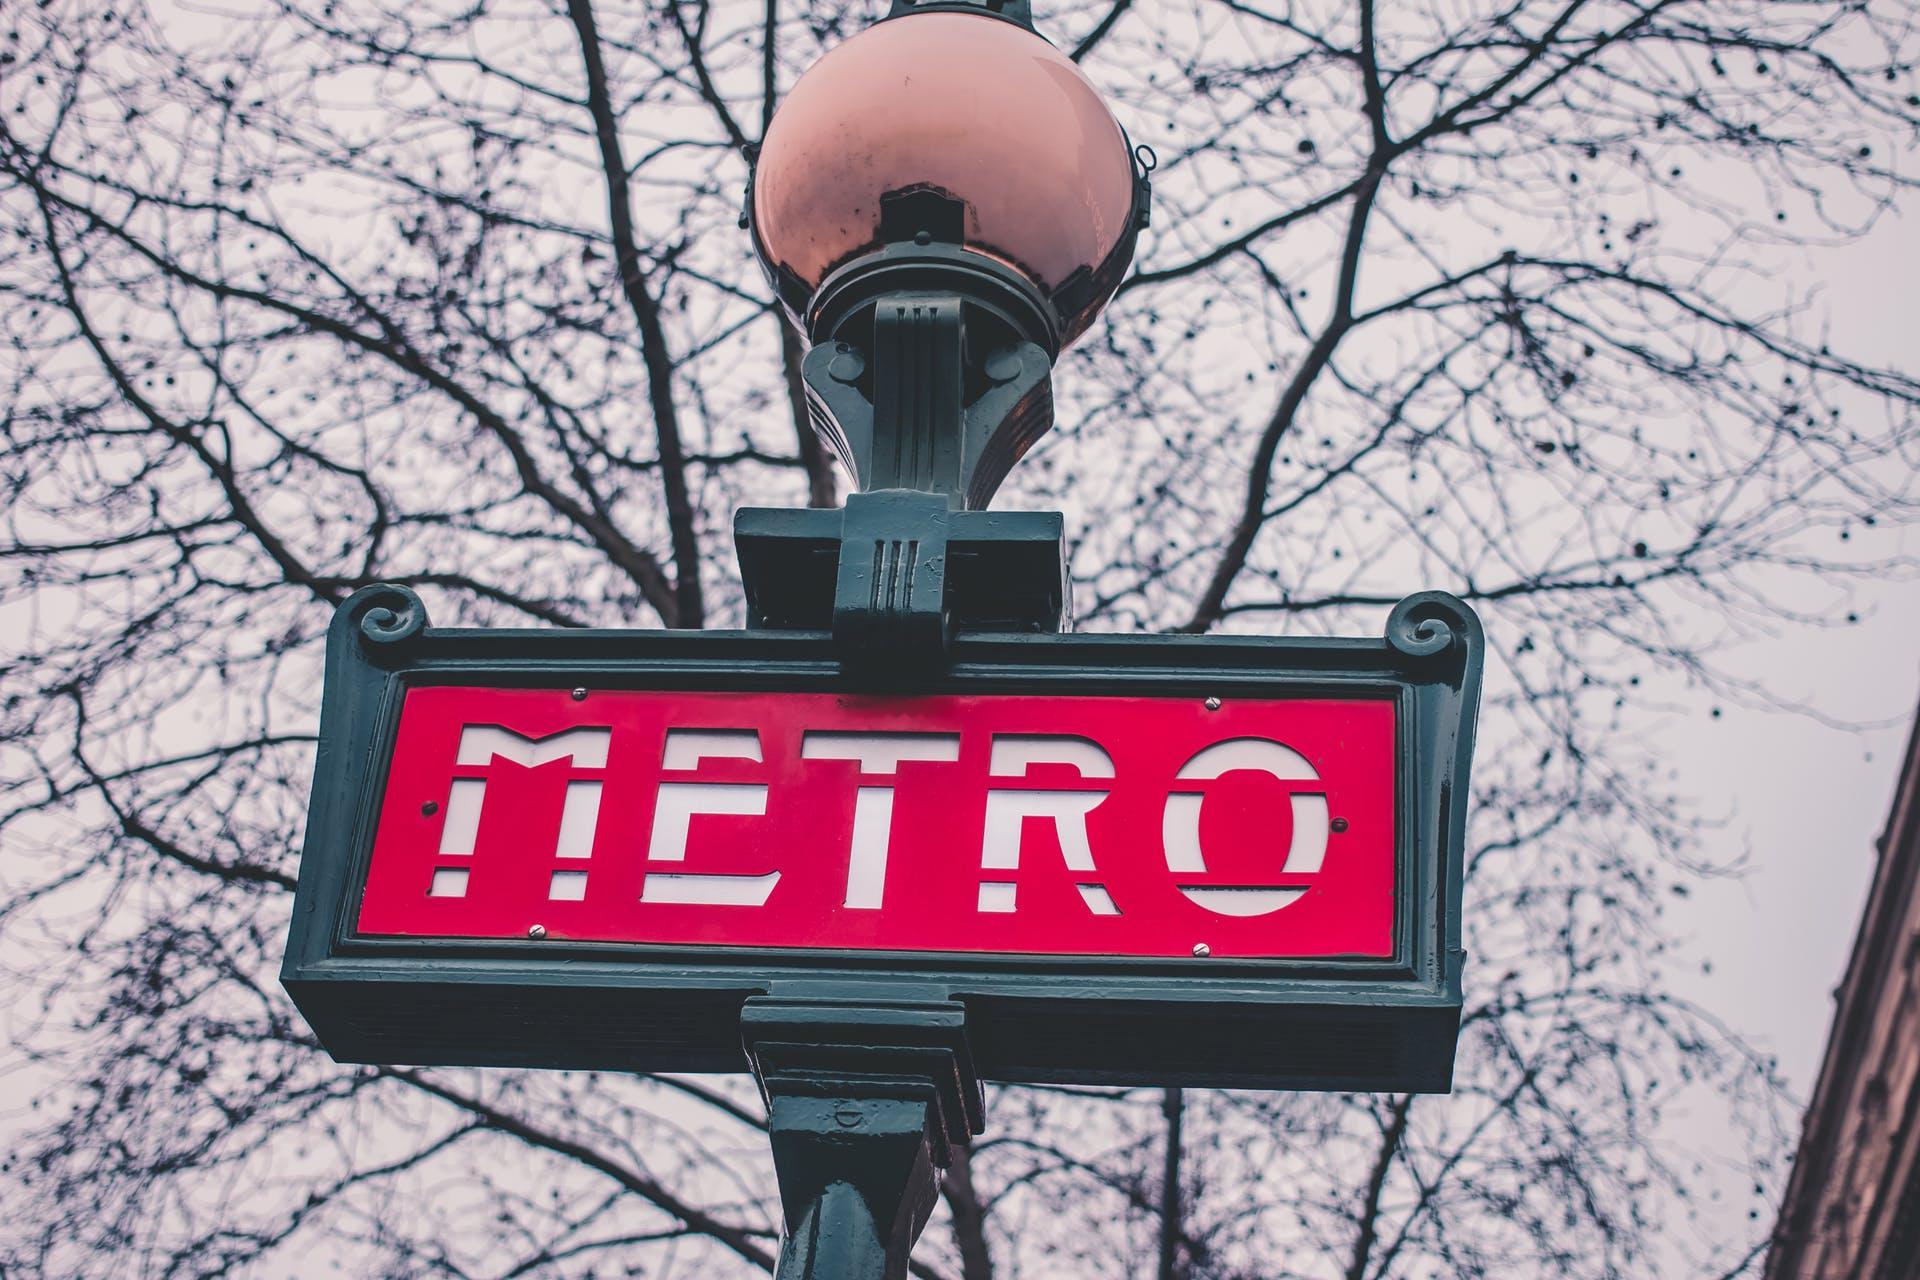 metro paris travel destination city